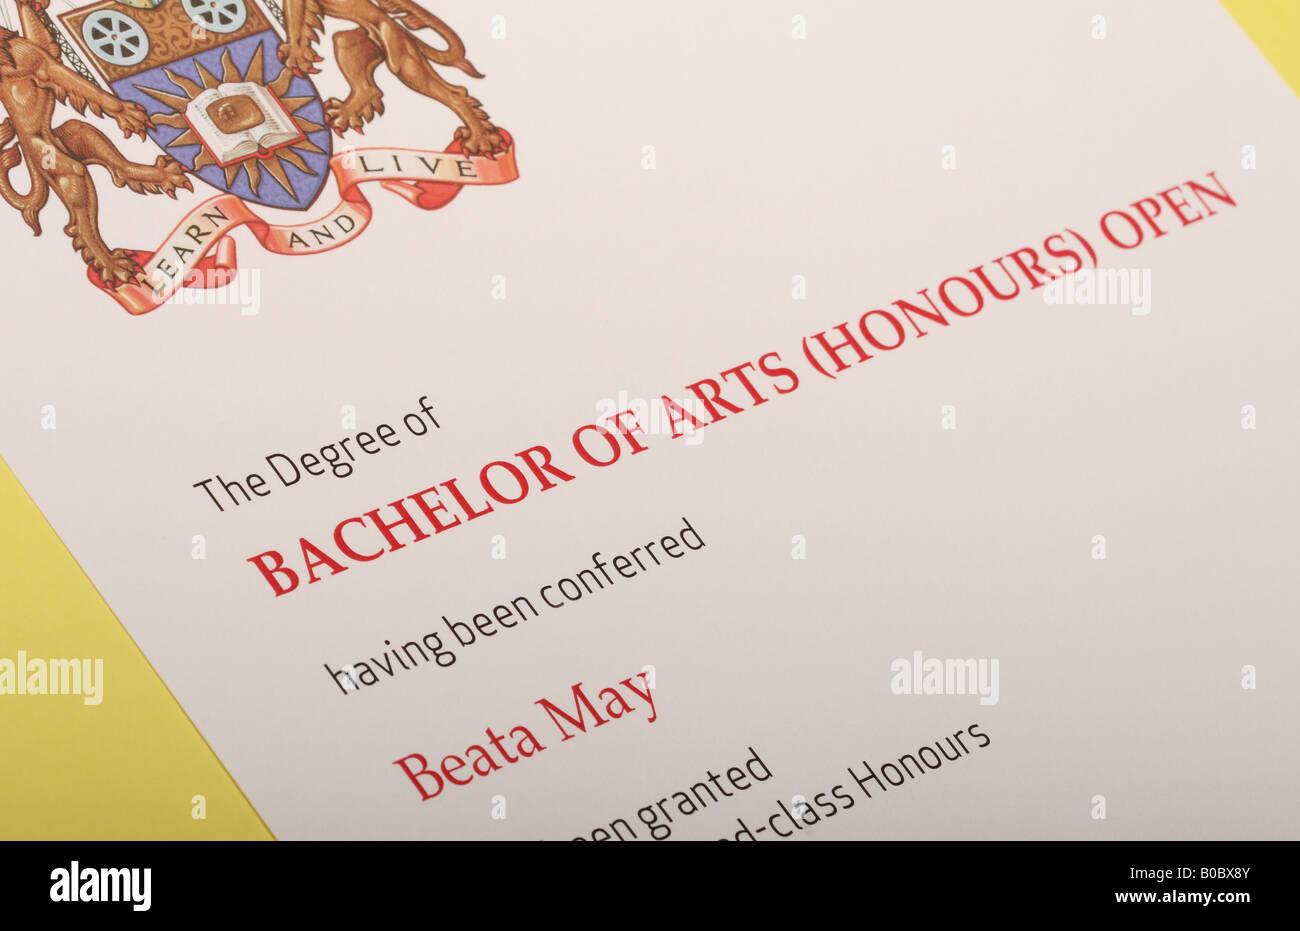 Bachelor Of Arts Stockfotos & Bachelor Of Arts Bilder - Alamy